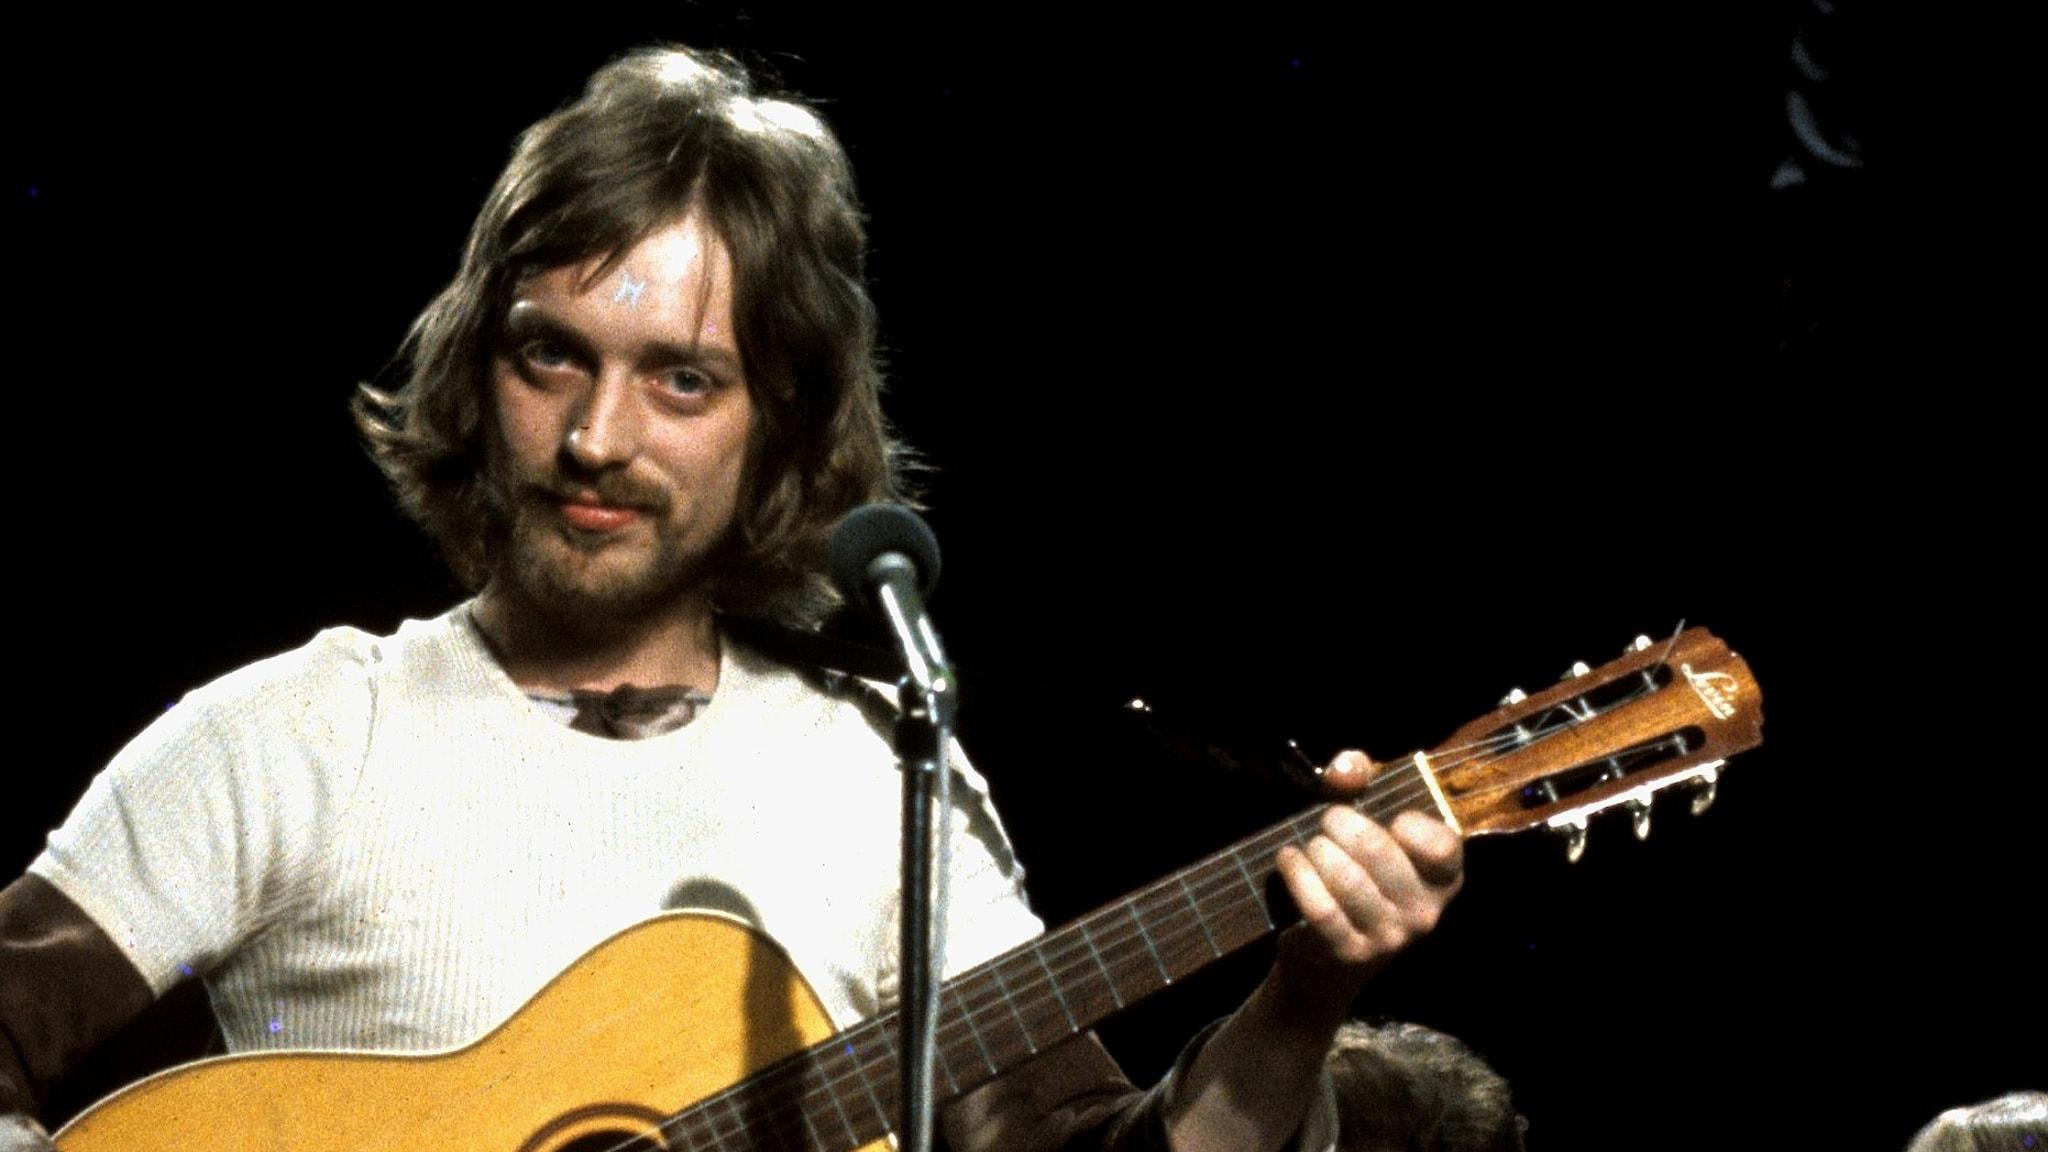 Pugh Rogefeldt står inför publik i TV 1972 och han bär en gitarr. Han ser allvarlig ut.